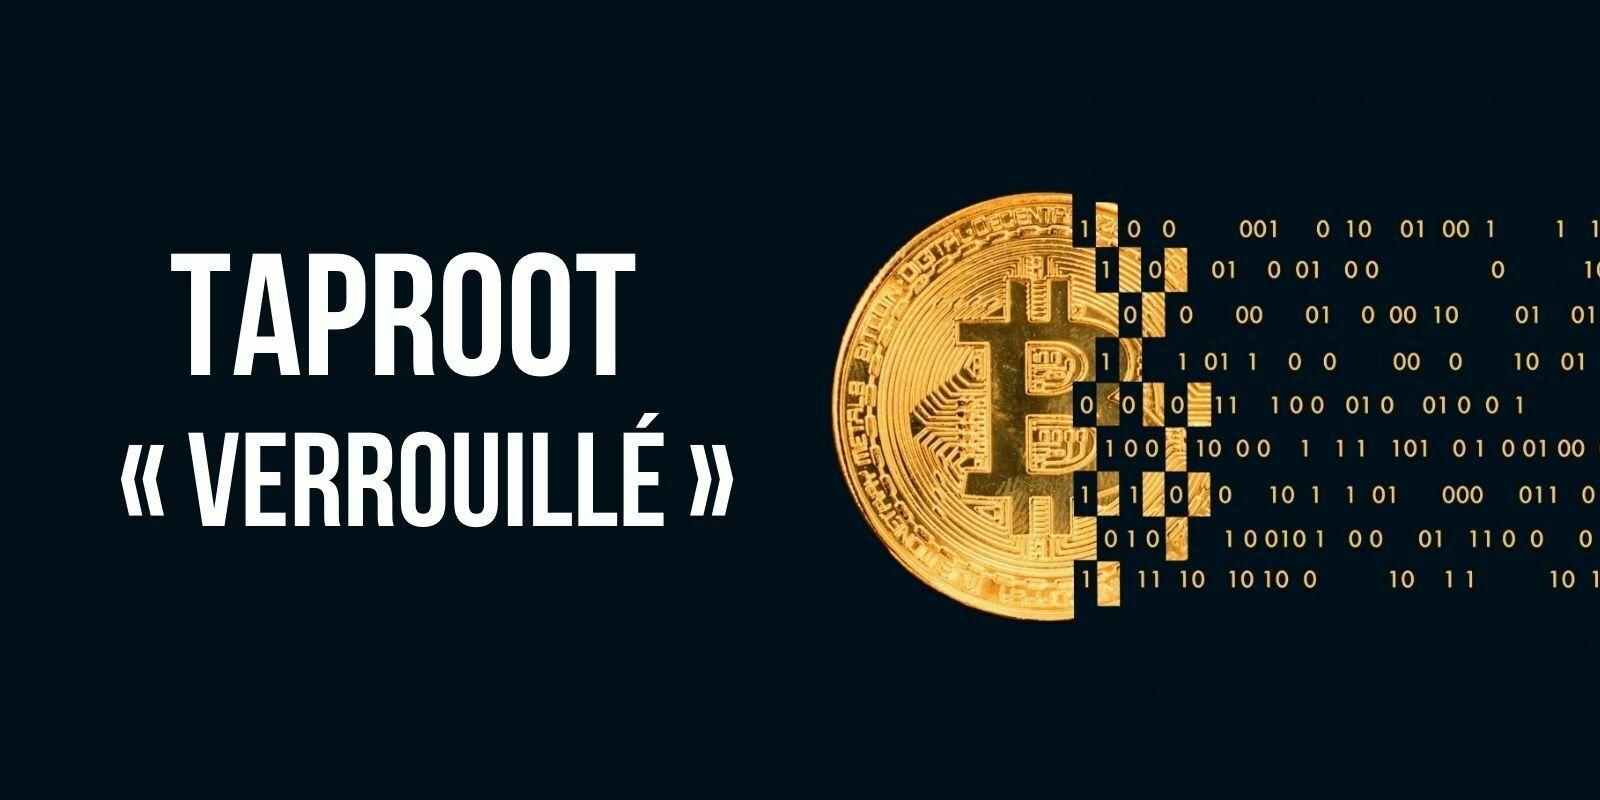 La mise à niveau Taproot de Bitcoin (BTC) atteint un soutien suffisant pour verrouiller son activation